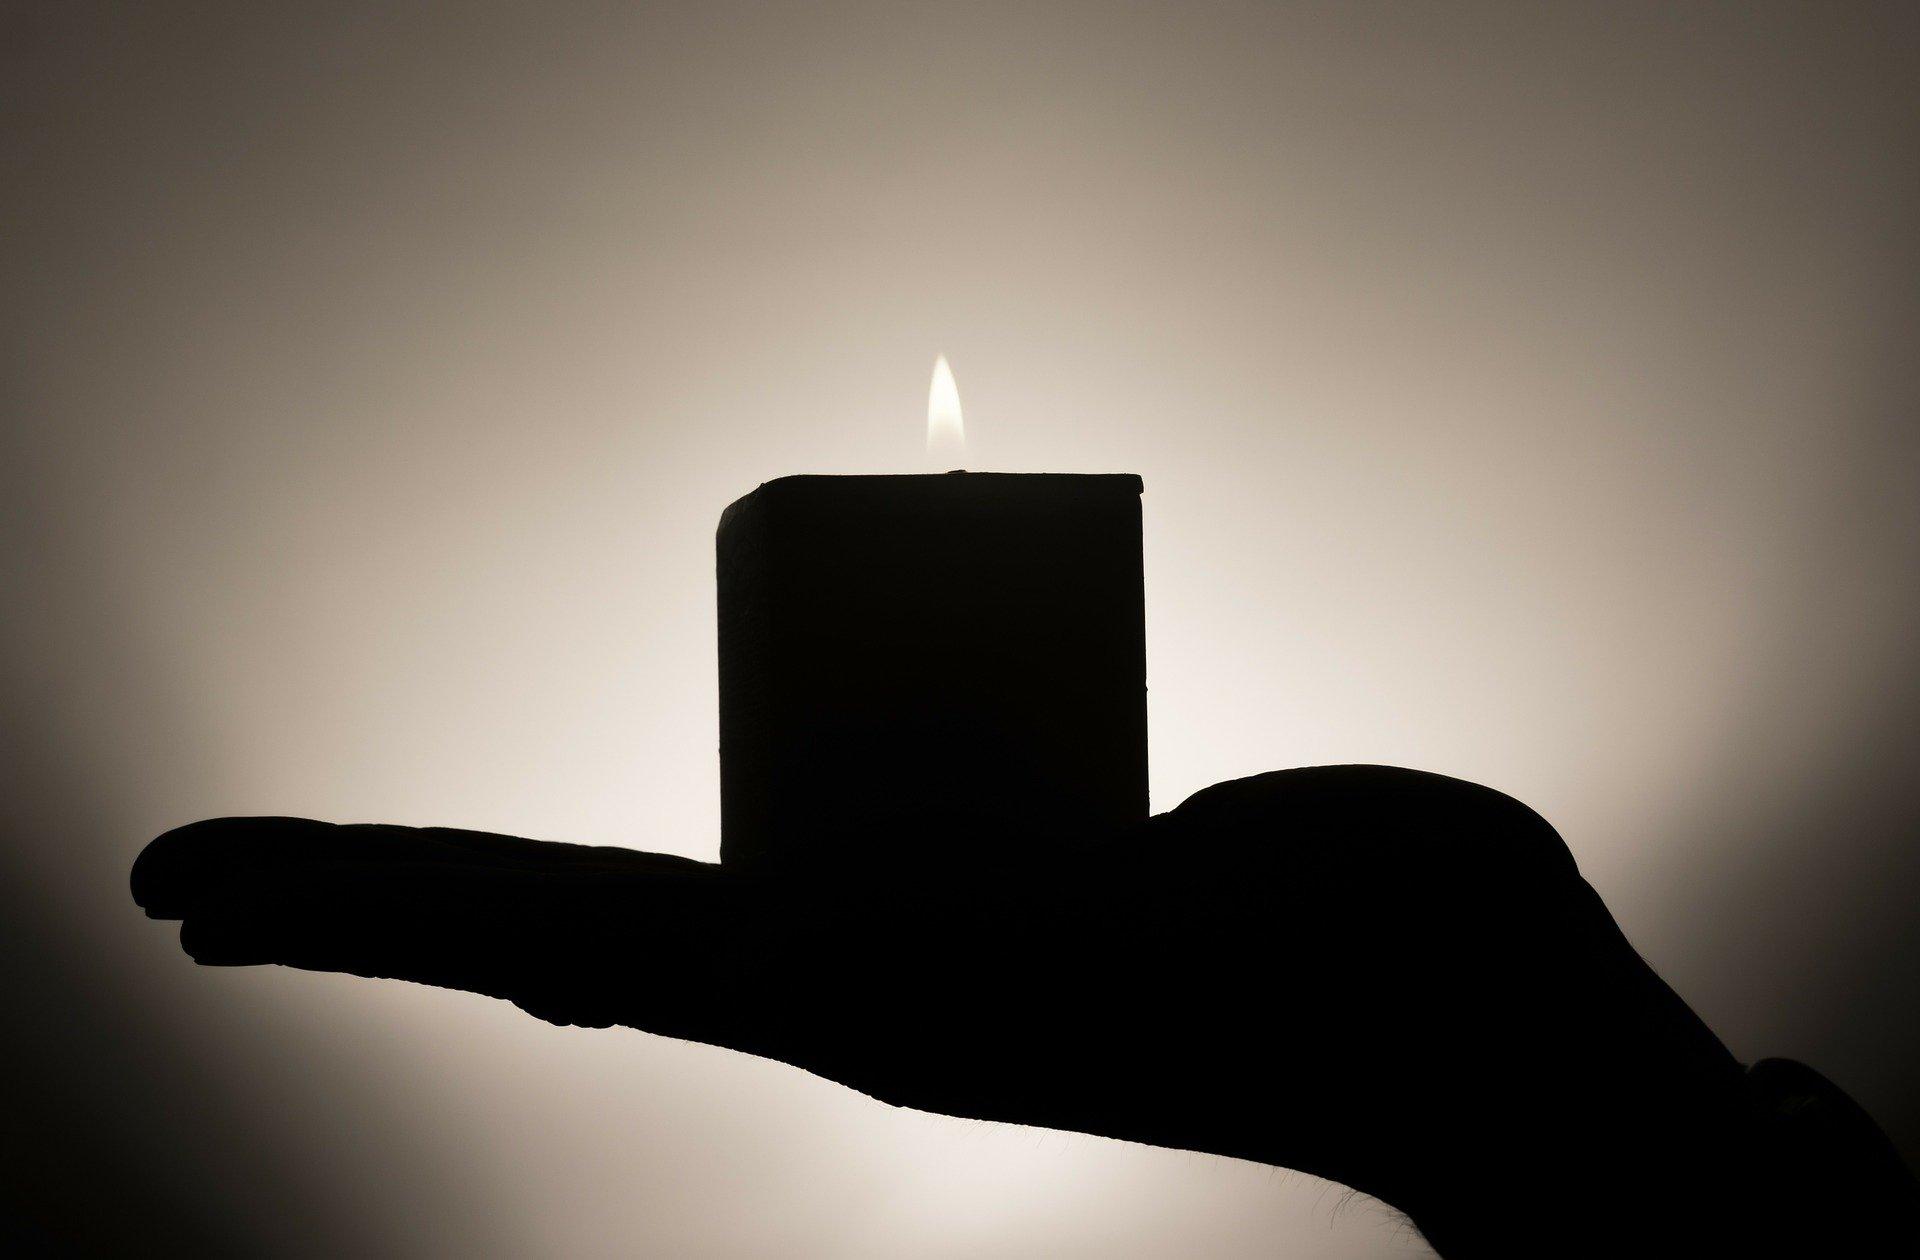 Viva o luto para não viver de luto